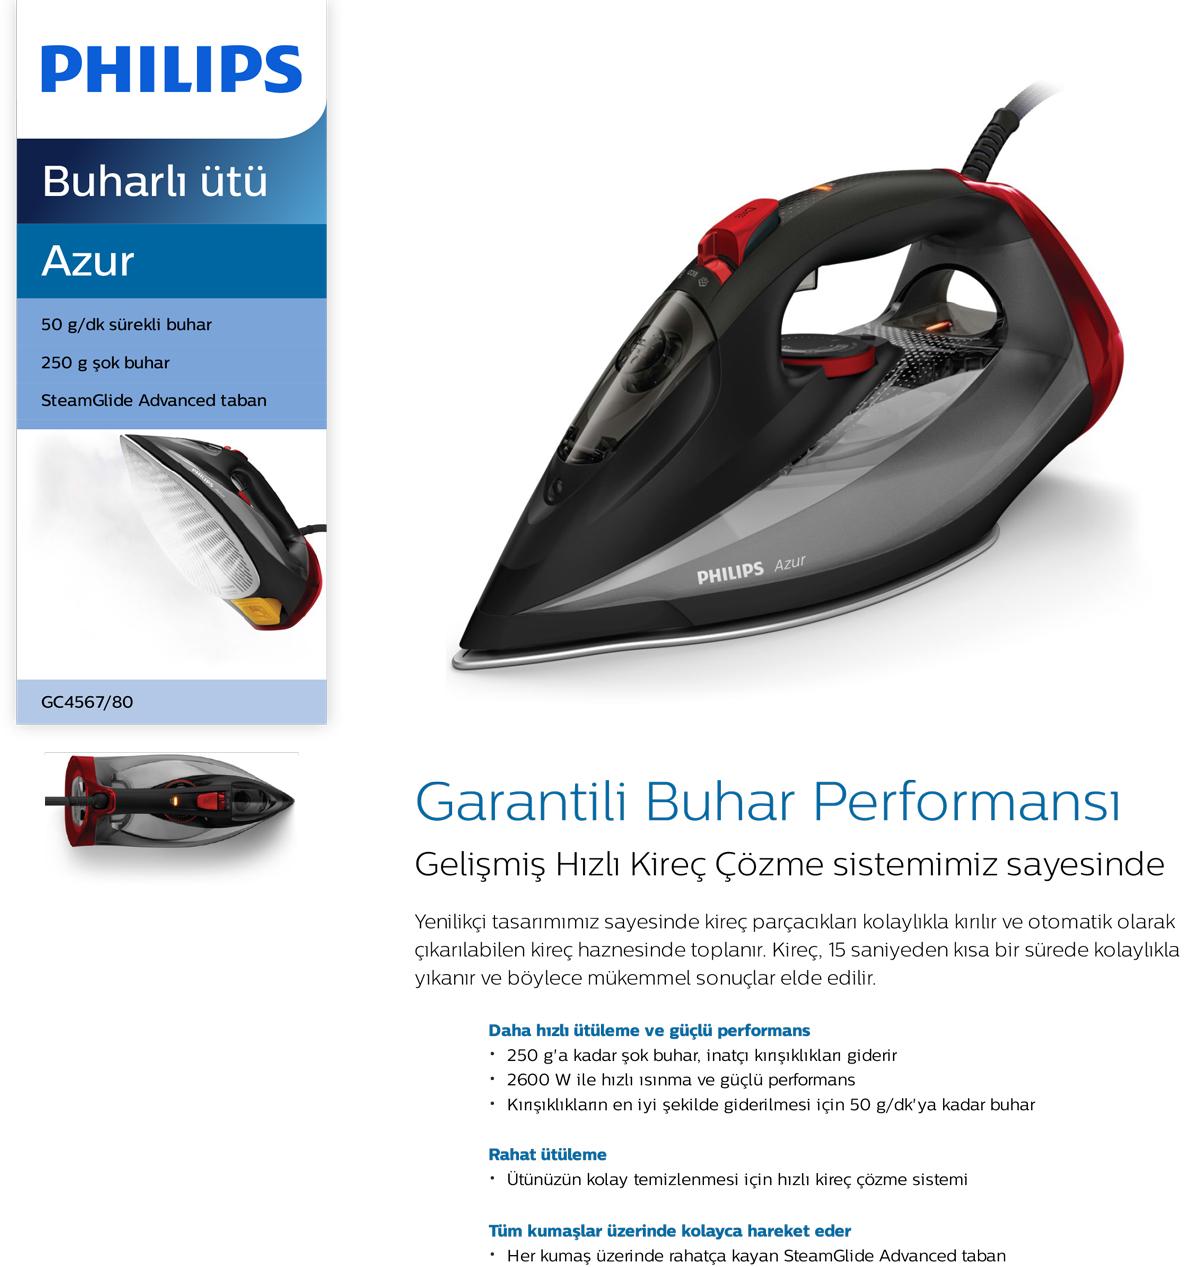 Philips GC4567/80 Azur 2600 W Buharlı Ütü